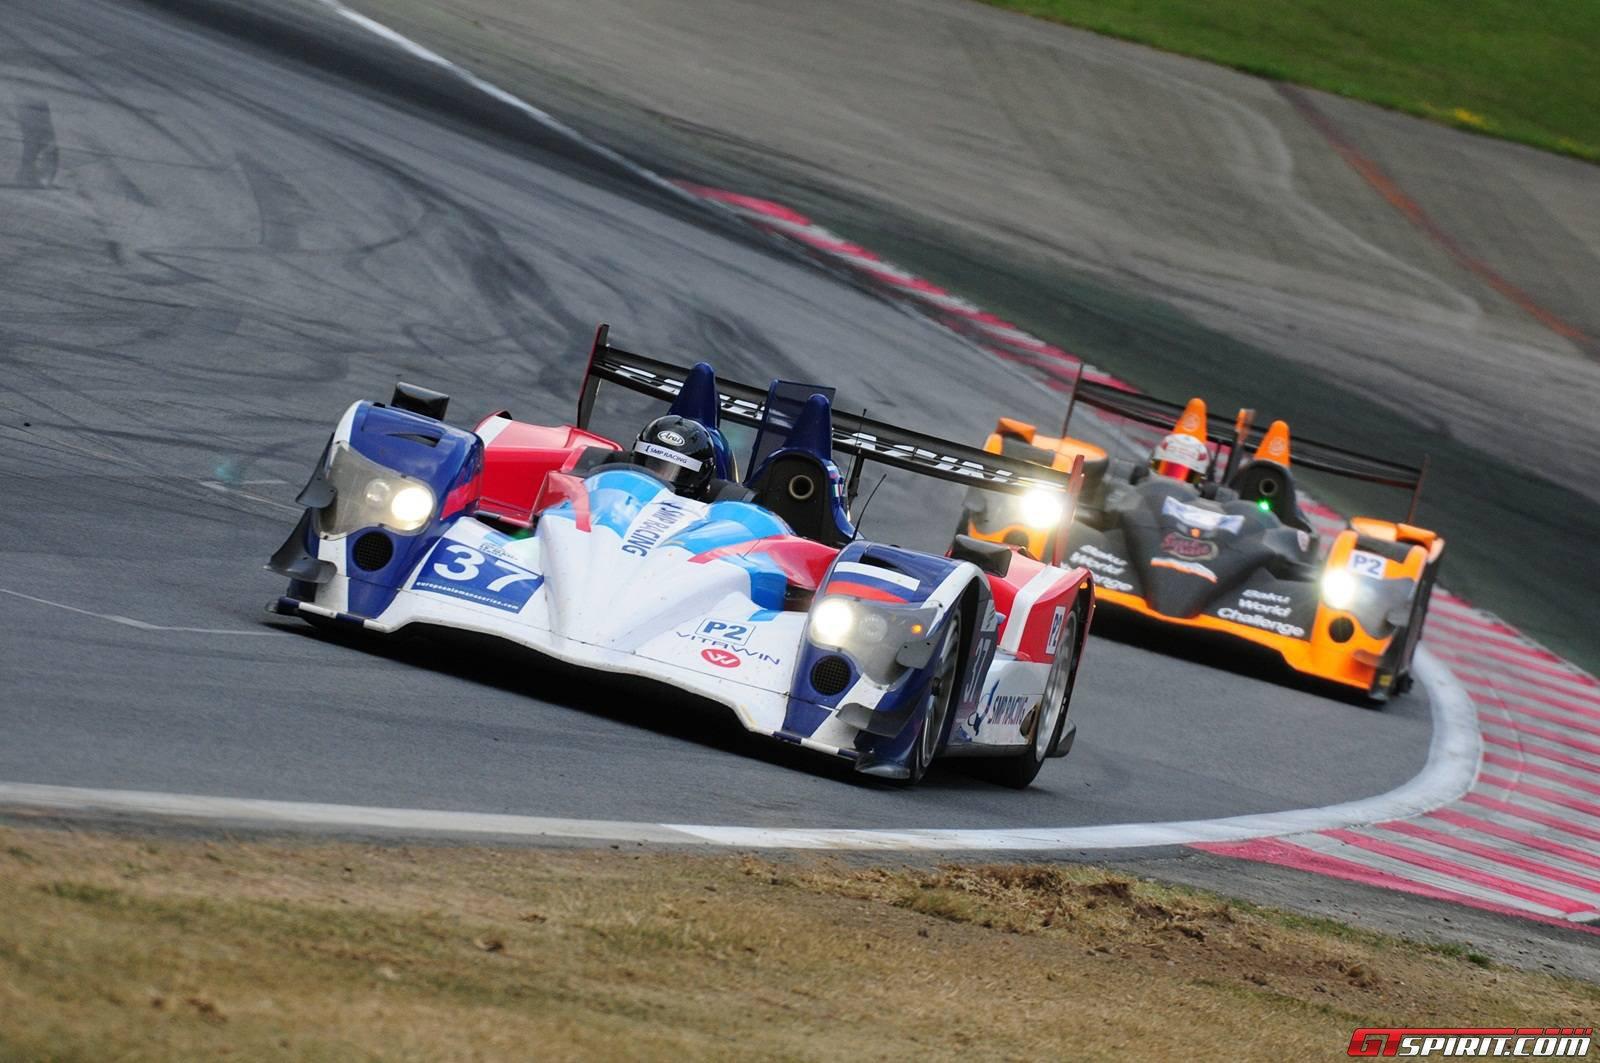 Tường thuật giải Le Mans châu Âu: vòng thứ 3 tại Red Bull, Áo